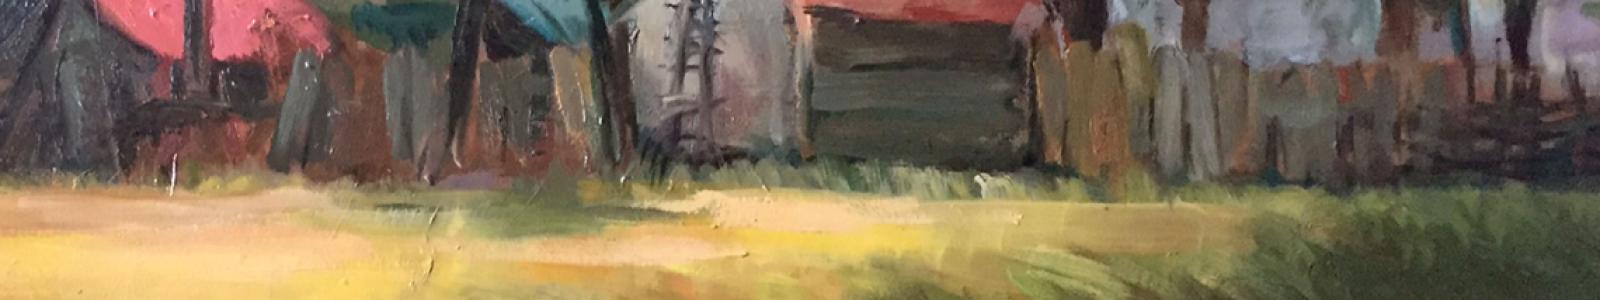 Gallery Painter Natalia Qaliashvili